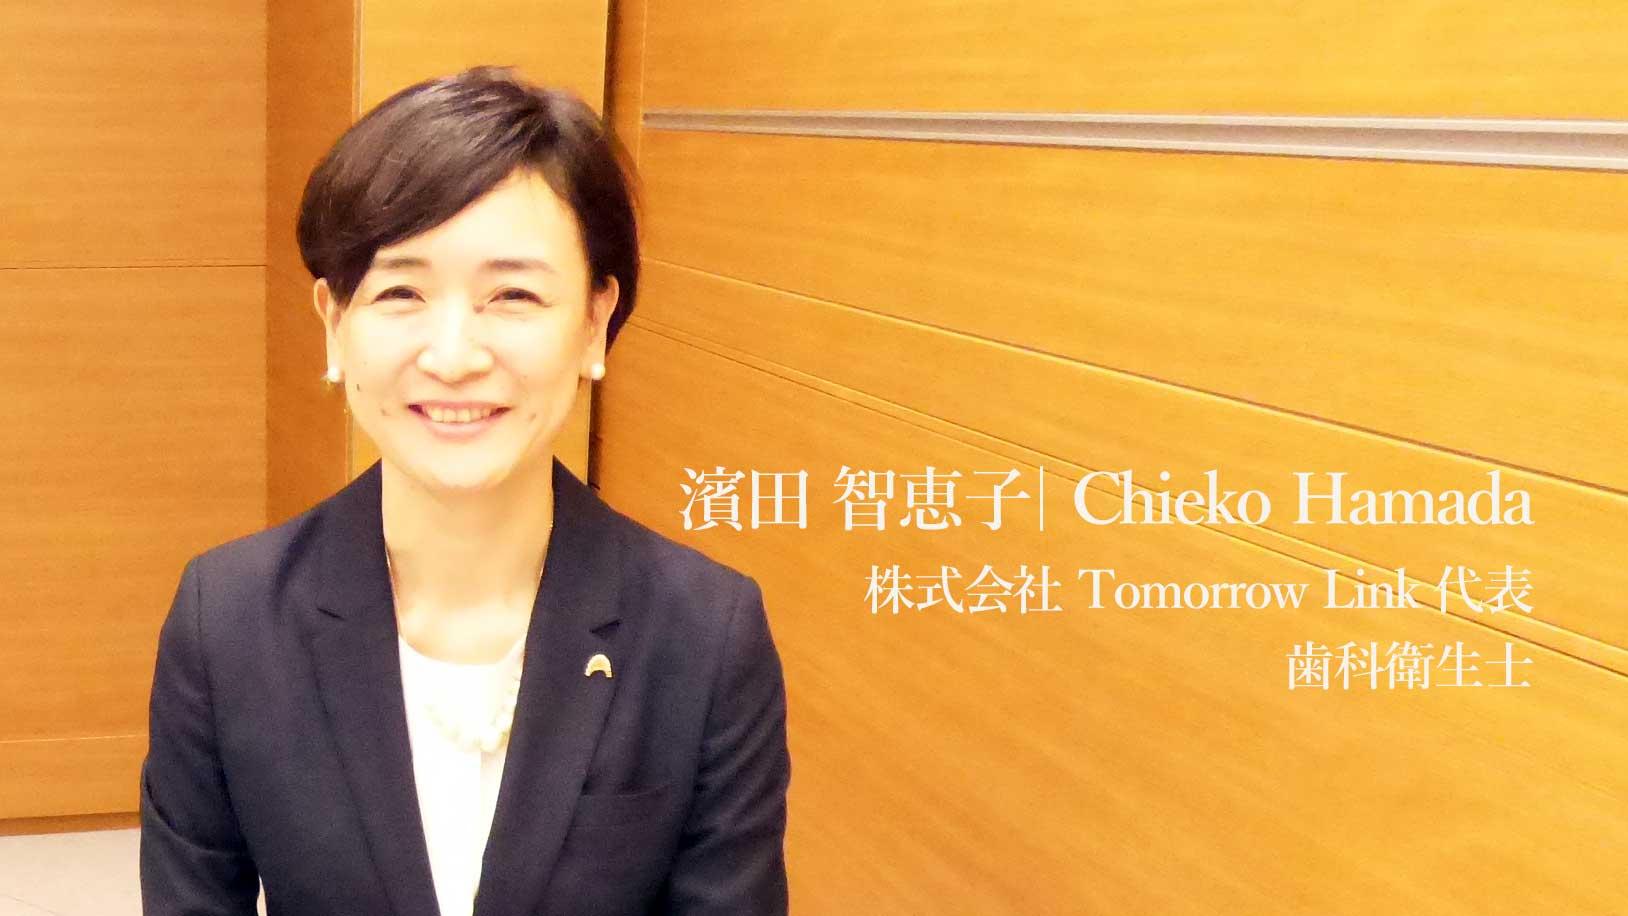 濱田智恵子さん『明日につなぐ』の画像です